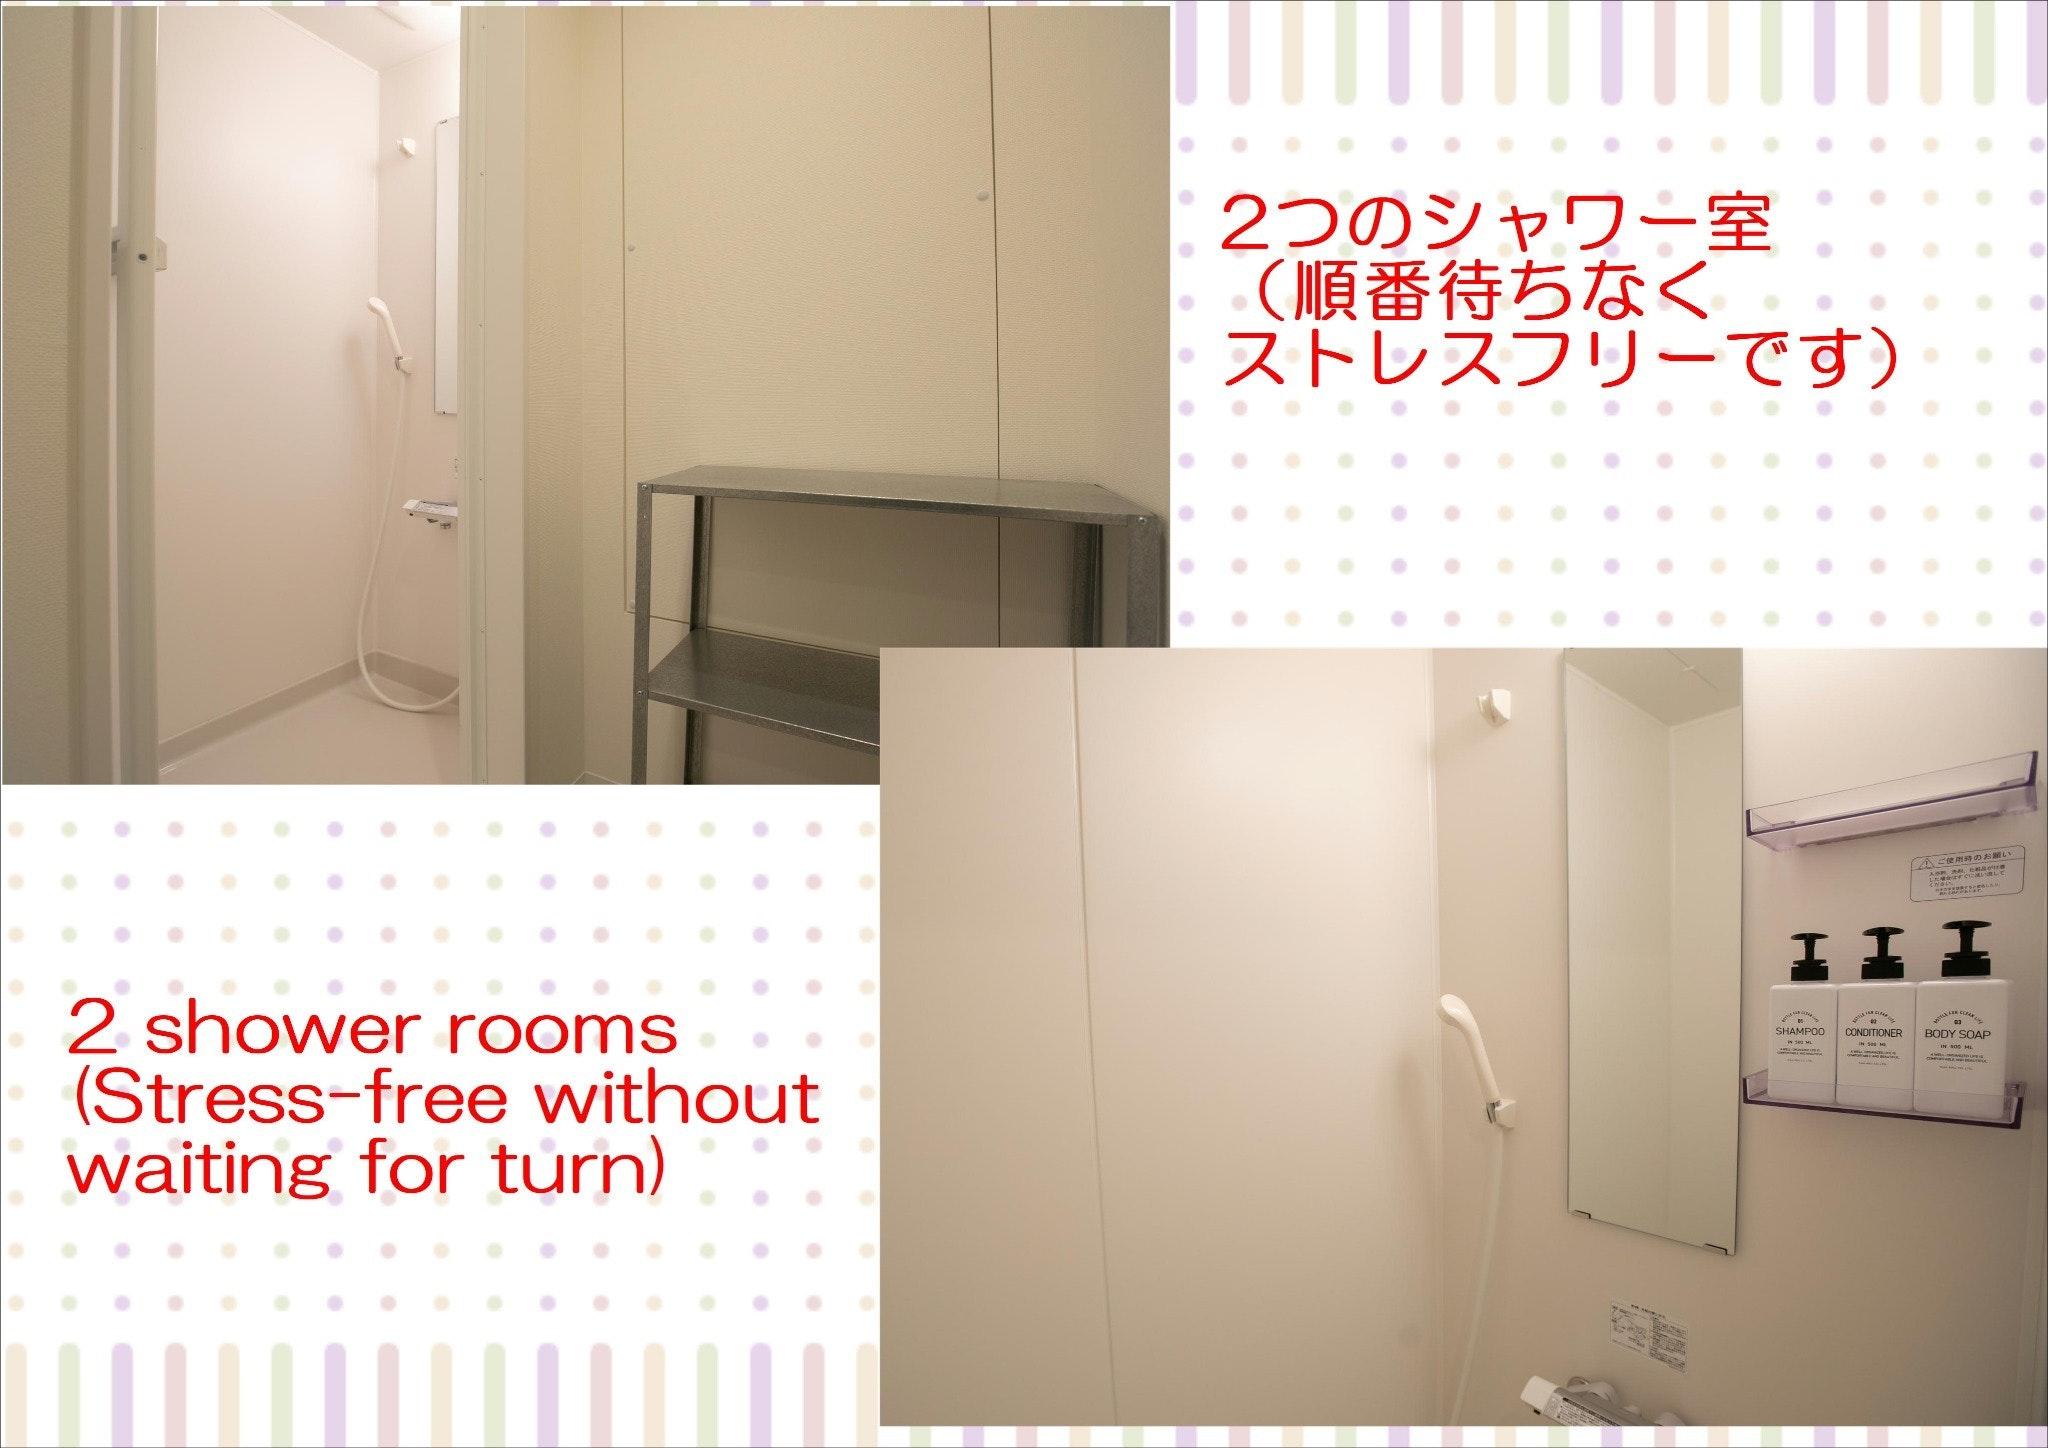 大阪最大級!100平米のプライベートルーム「601」